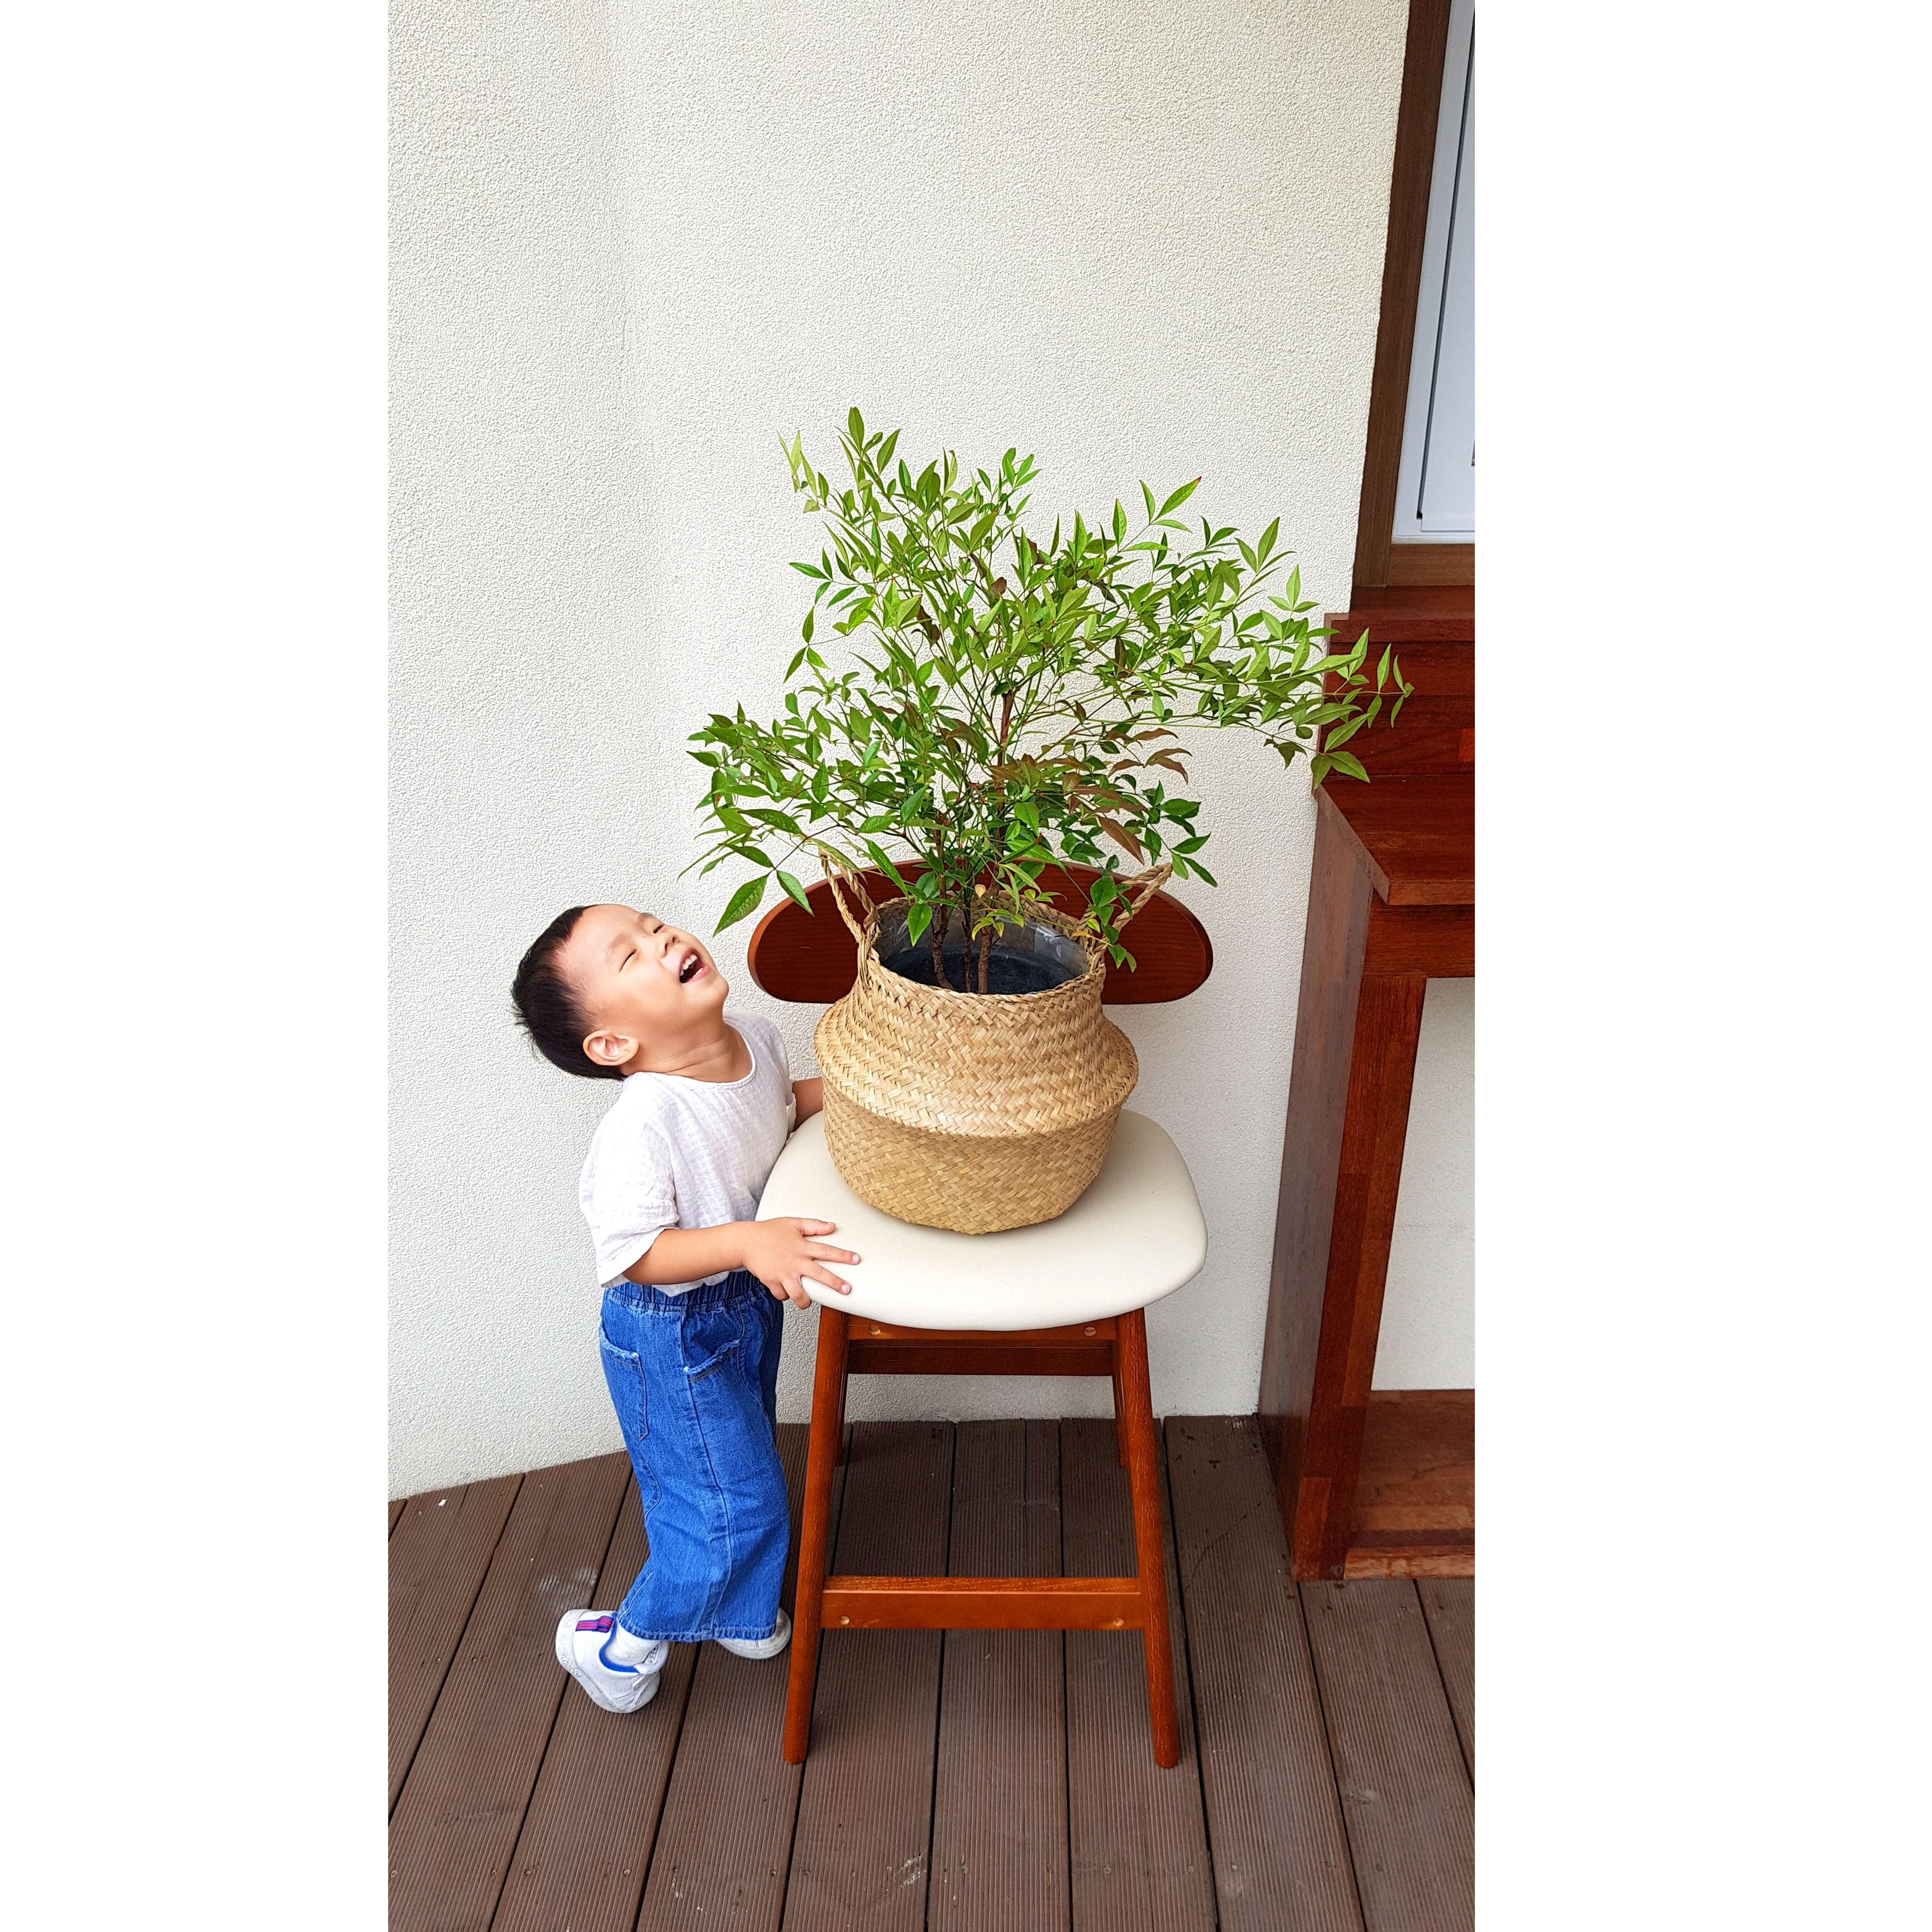 [재재나무] 남천 나무 + 해초바구니 세트 반려식물, 내추럴 해초바구니